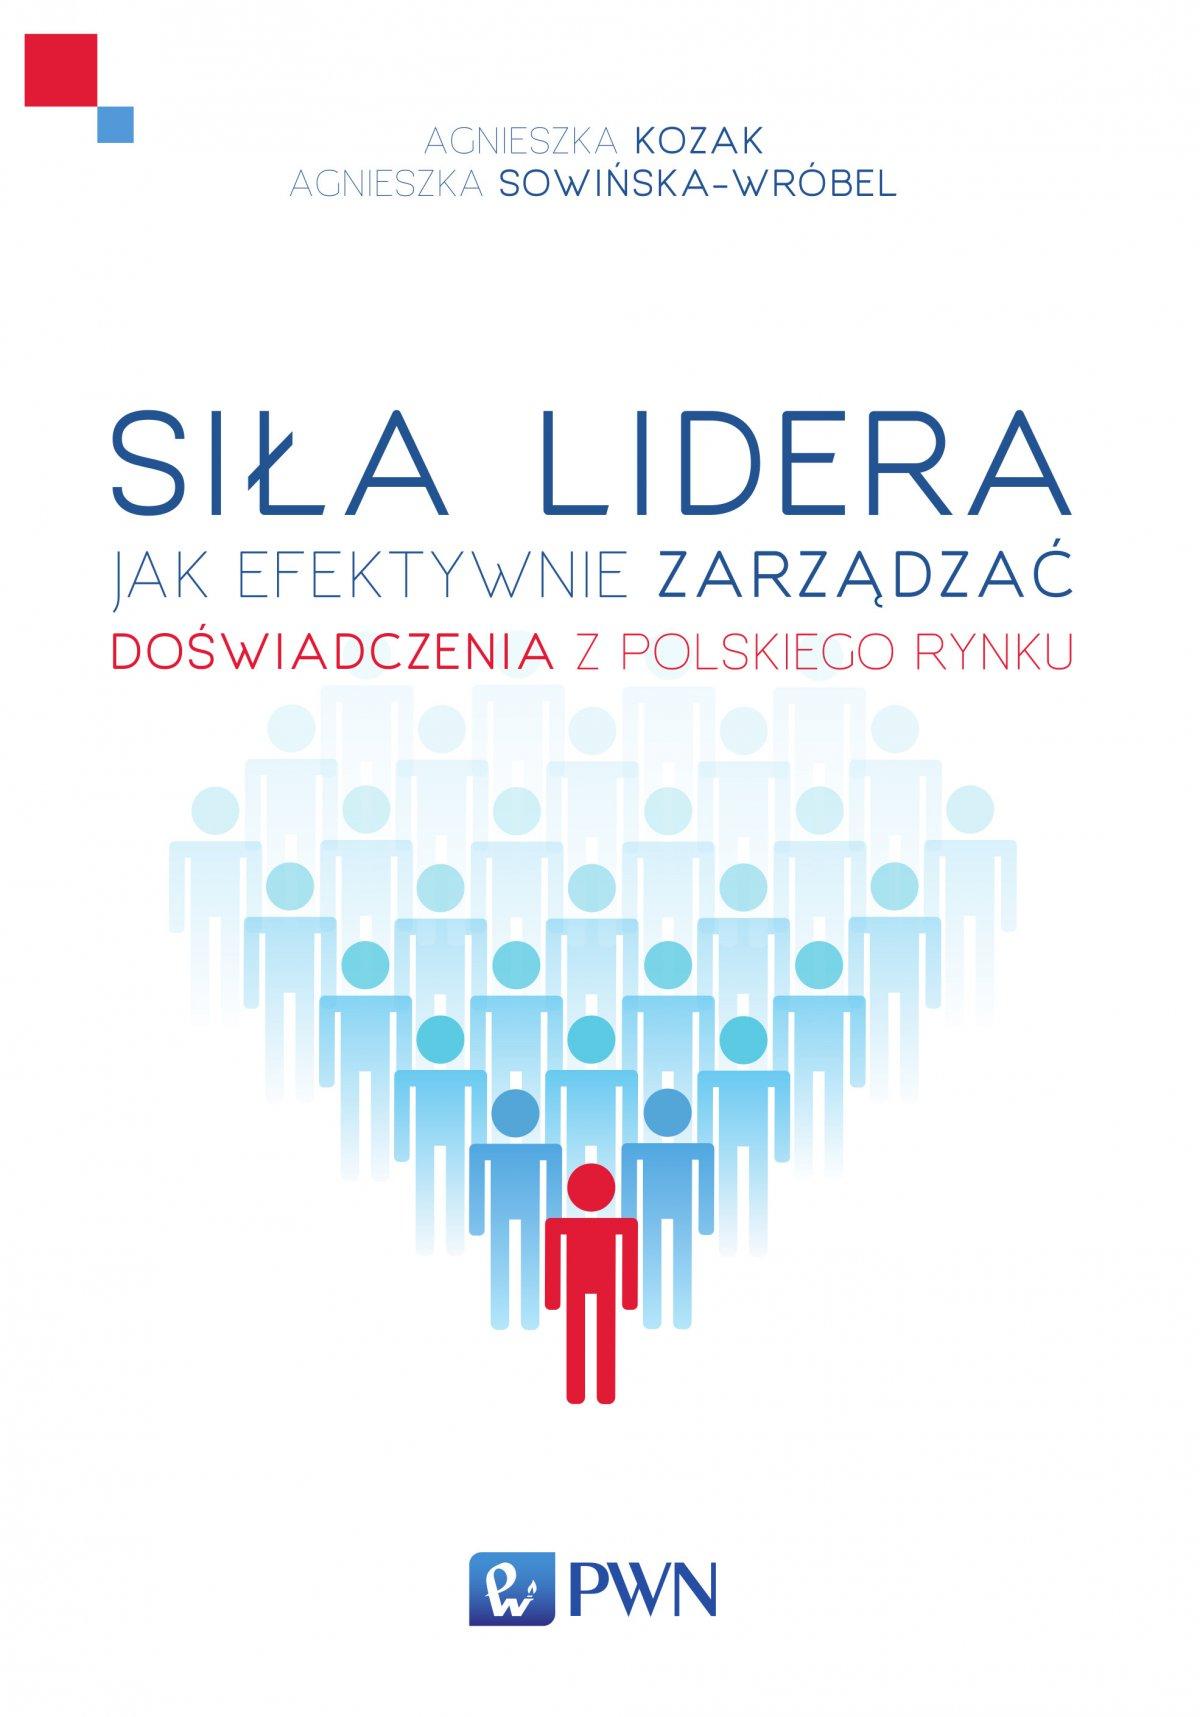 Siła lidera. Jak efektywnie zarządzać. Doświadczenia z polskiego rynku - Ebook (Książka EPUB) do pobrania w formacie EPUB